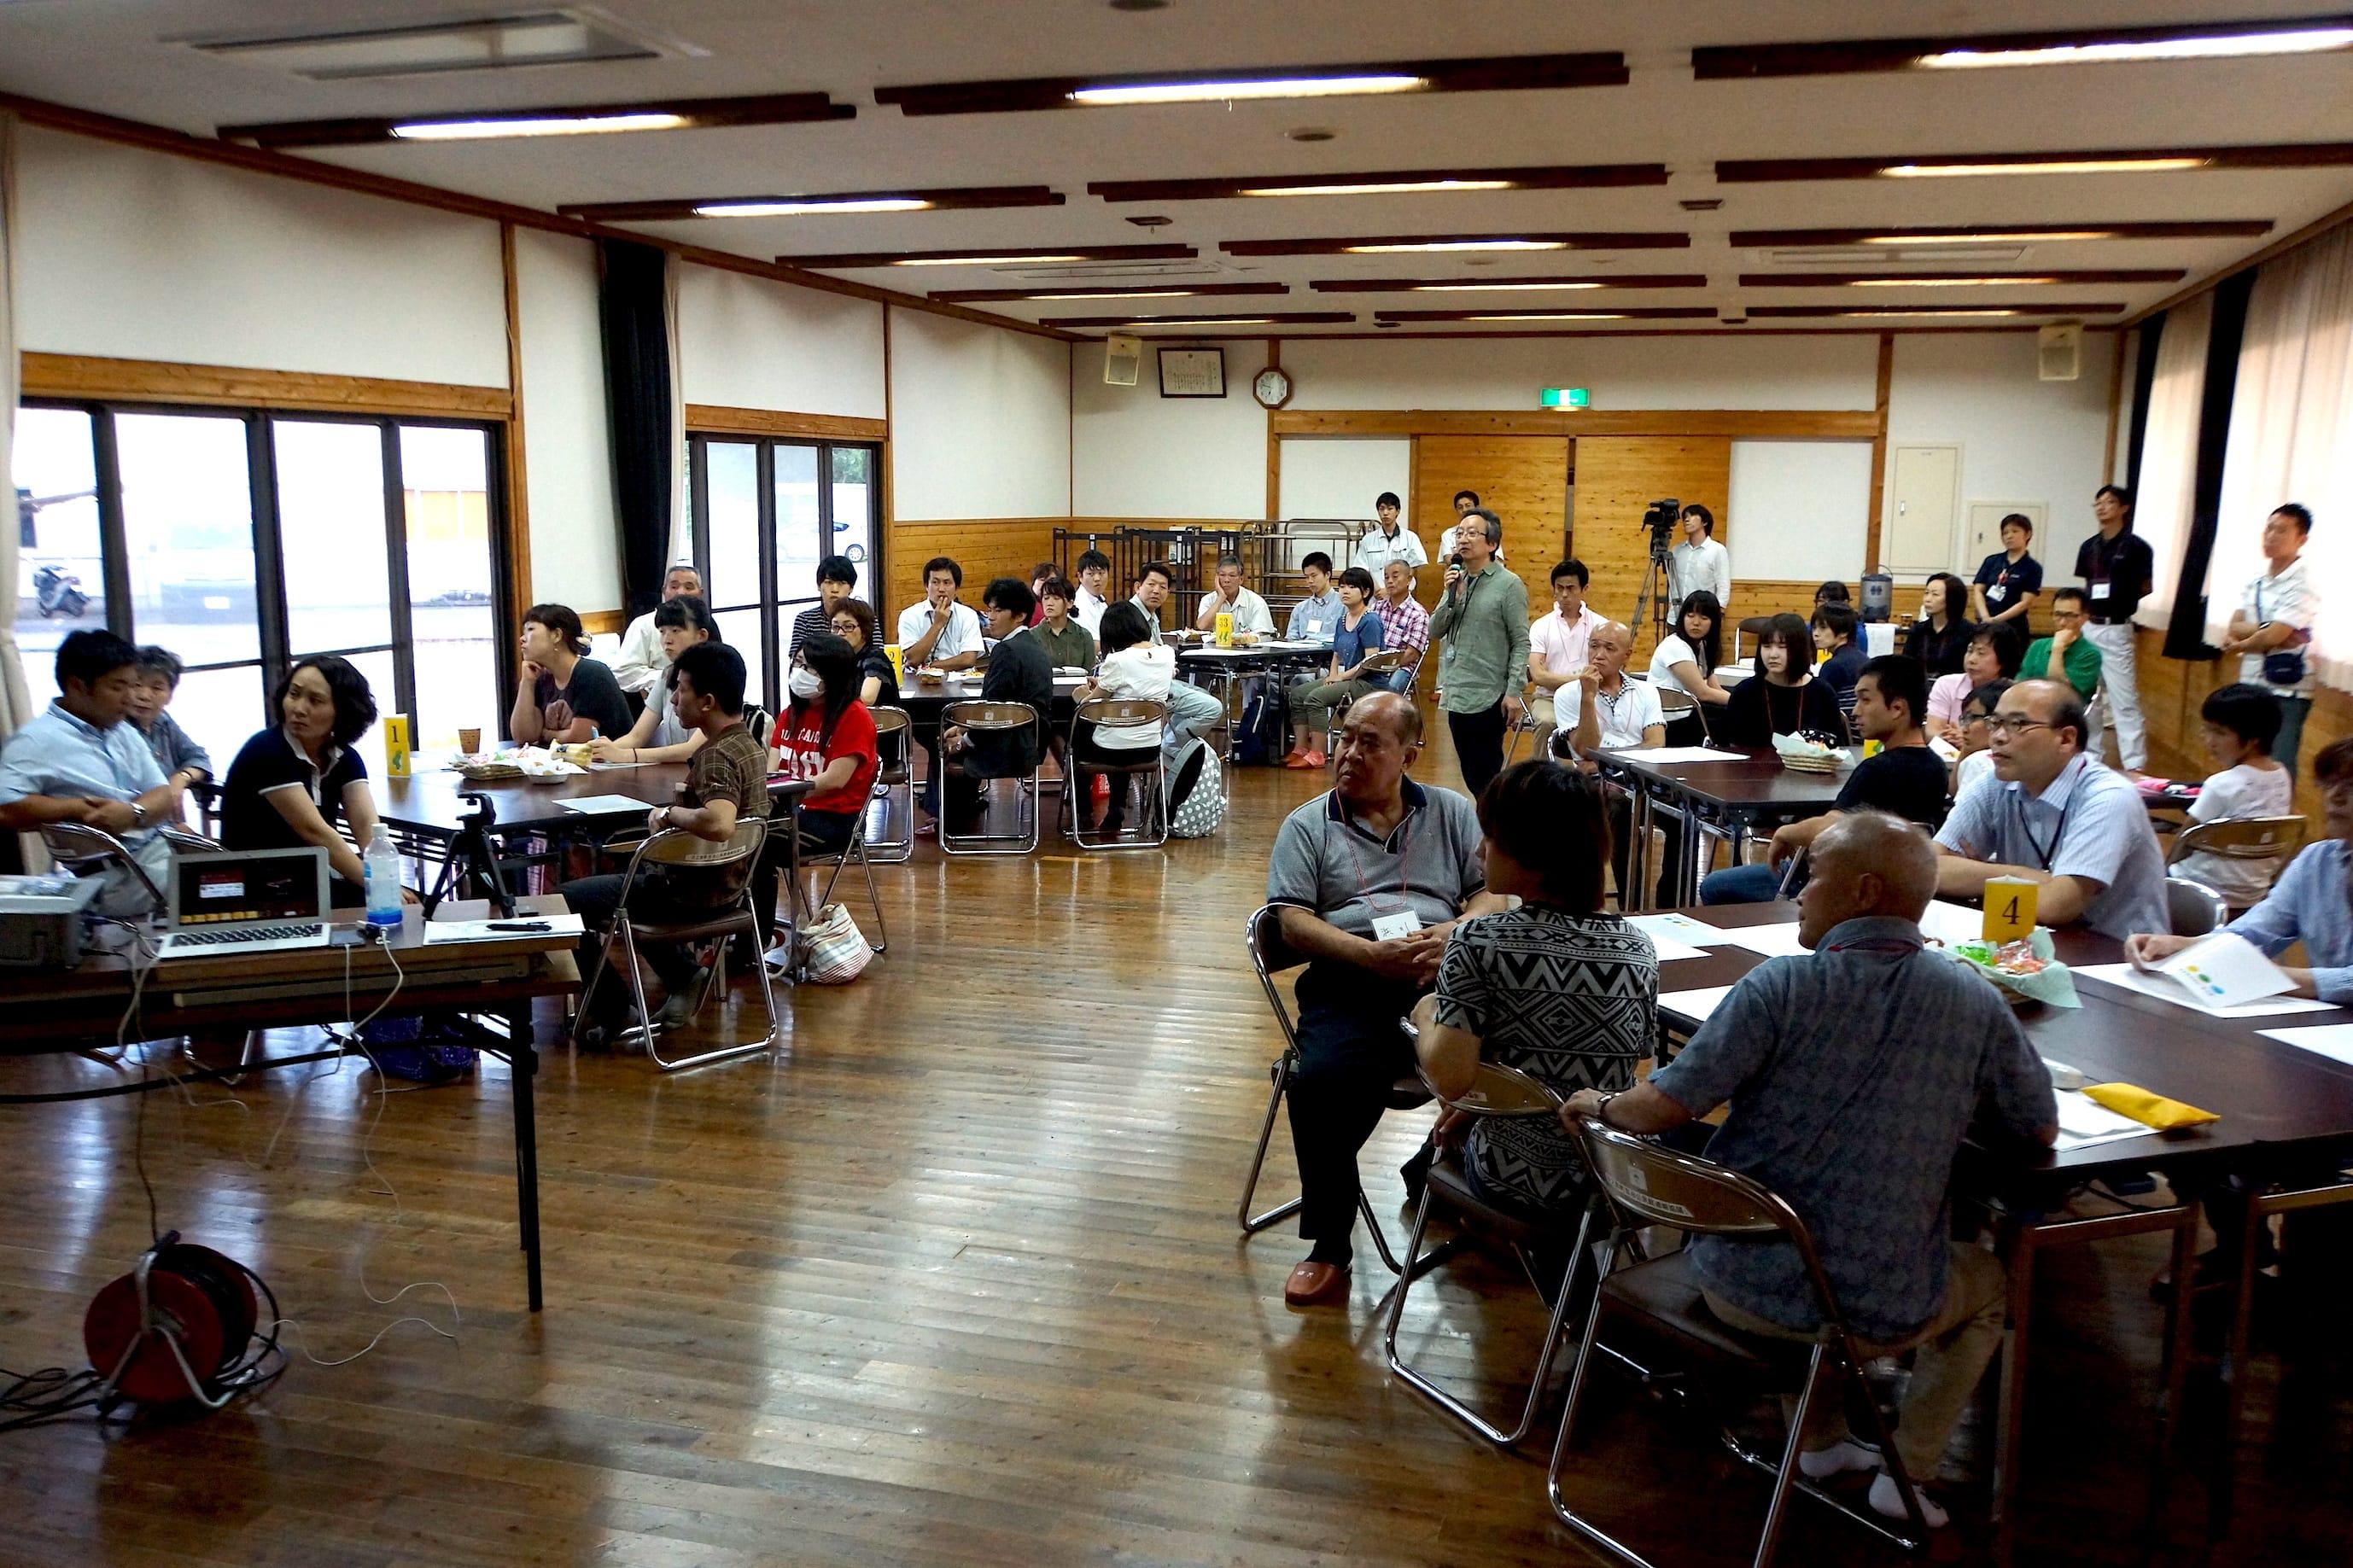 7月1日に行われた「ヒノカフェ」。小学生、学生、お年寄りまでさまざまな世代が集まった。これまで出てきたアイデアを具体的に、現実的にアクションに変えていくことをテーマに話し合いが行われた。